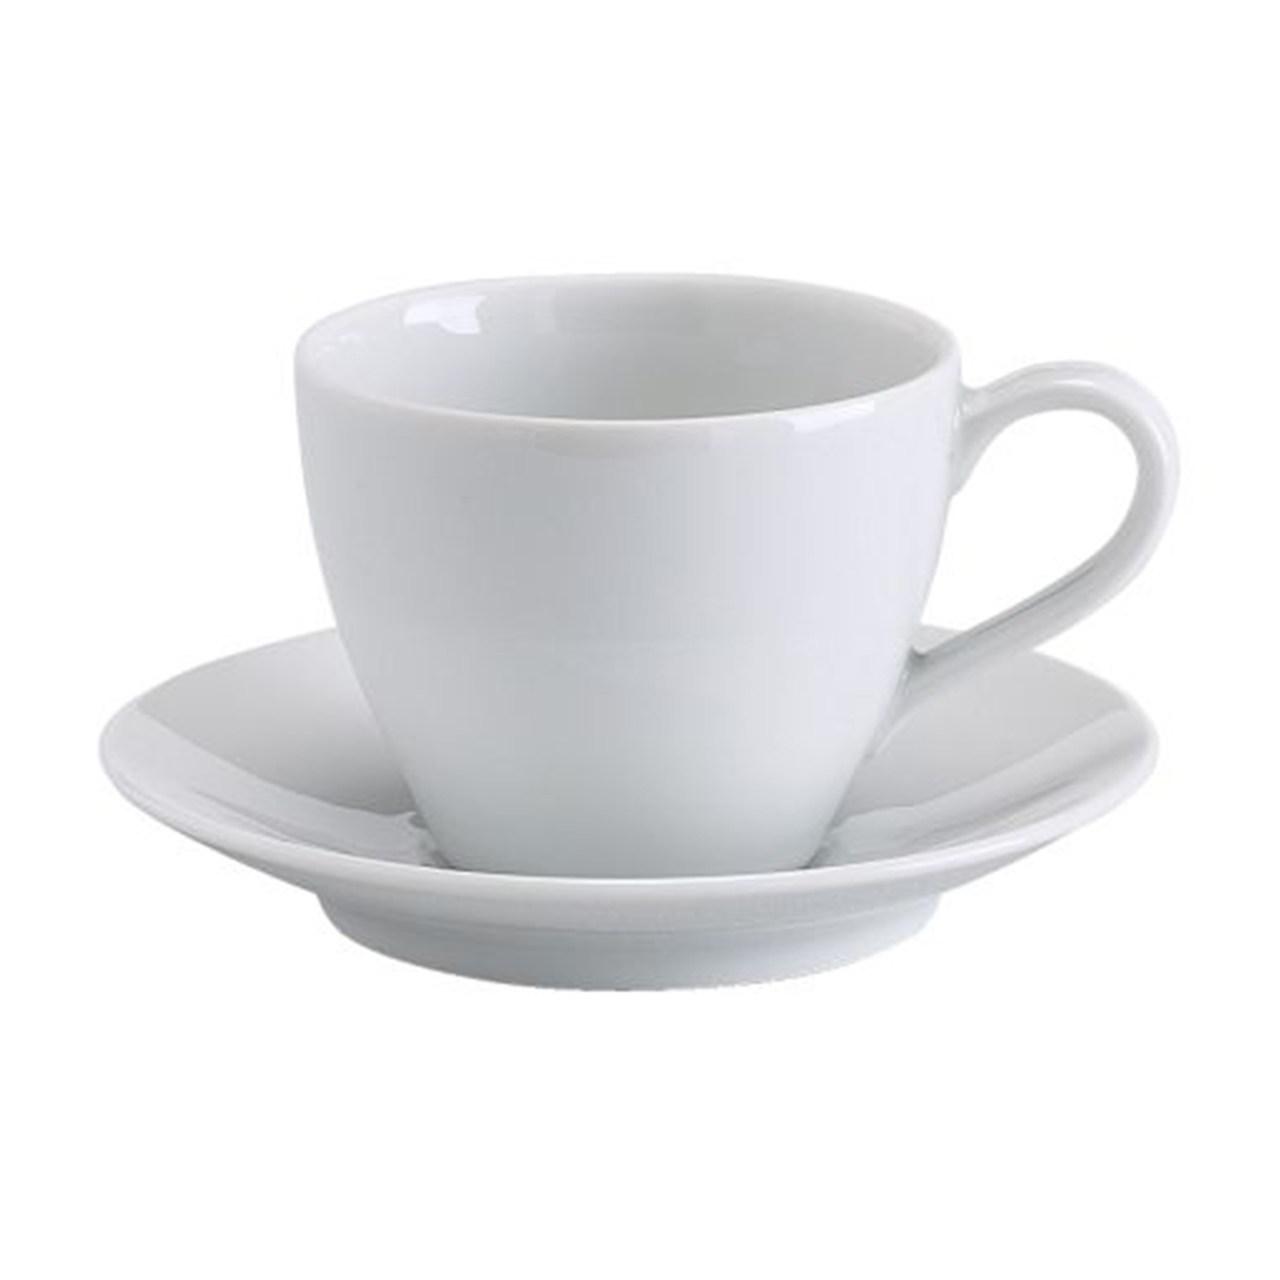 فنجان و نعلبکی قهوه خوری ایکیا مدل Vardera